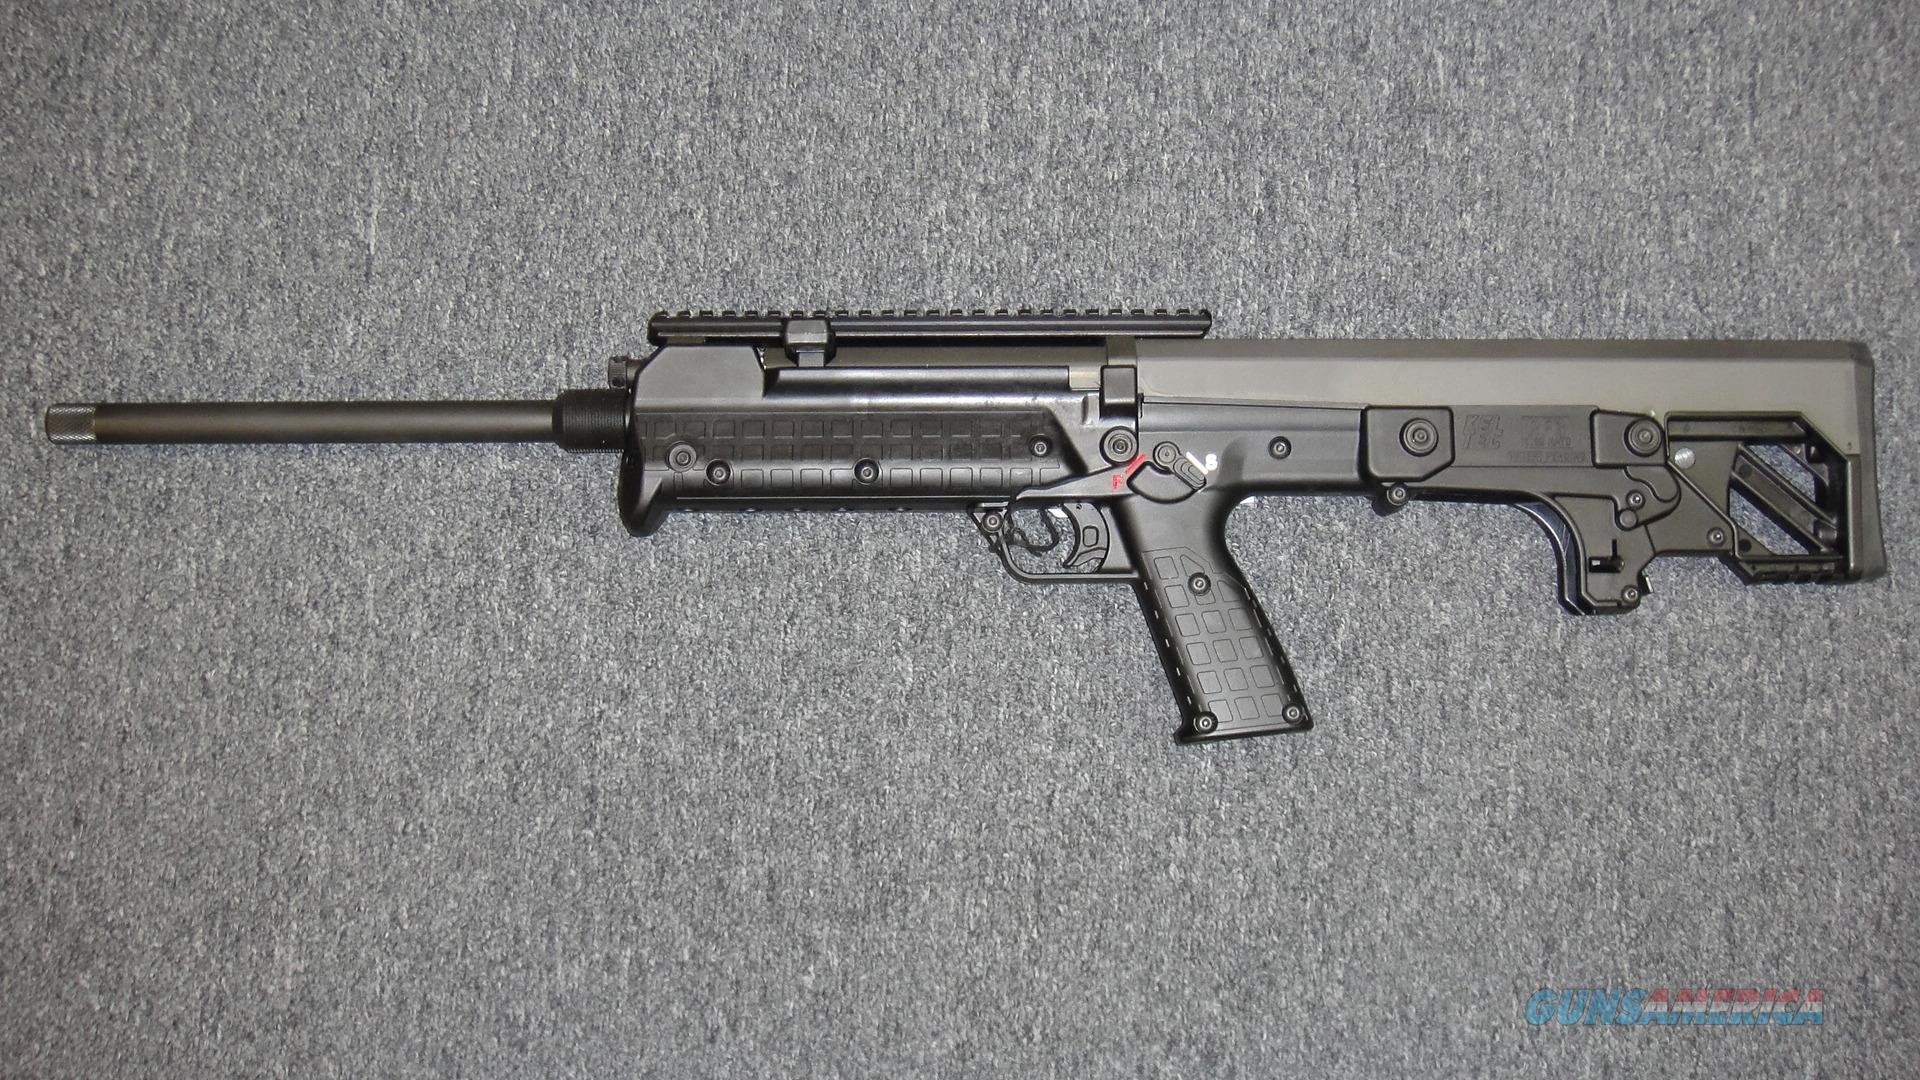 Kel-Tec RFB Hunter  Guns > Rifles > Kel-Tec Rifles